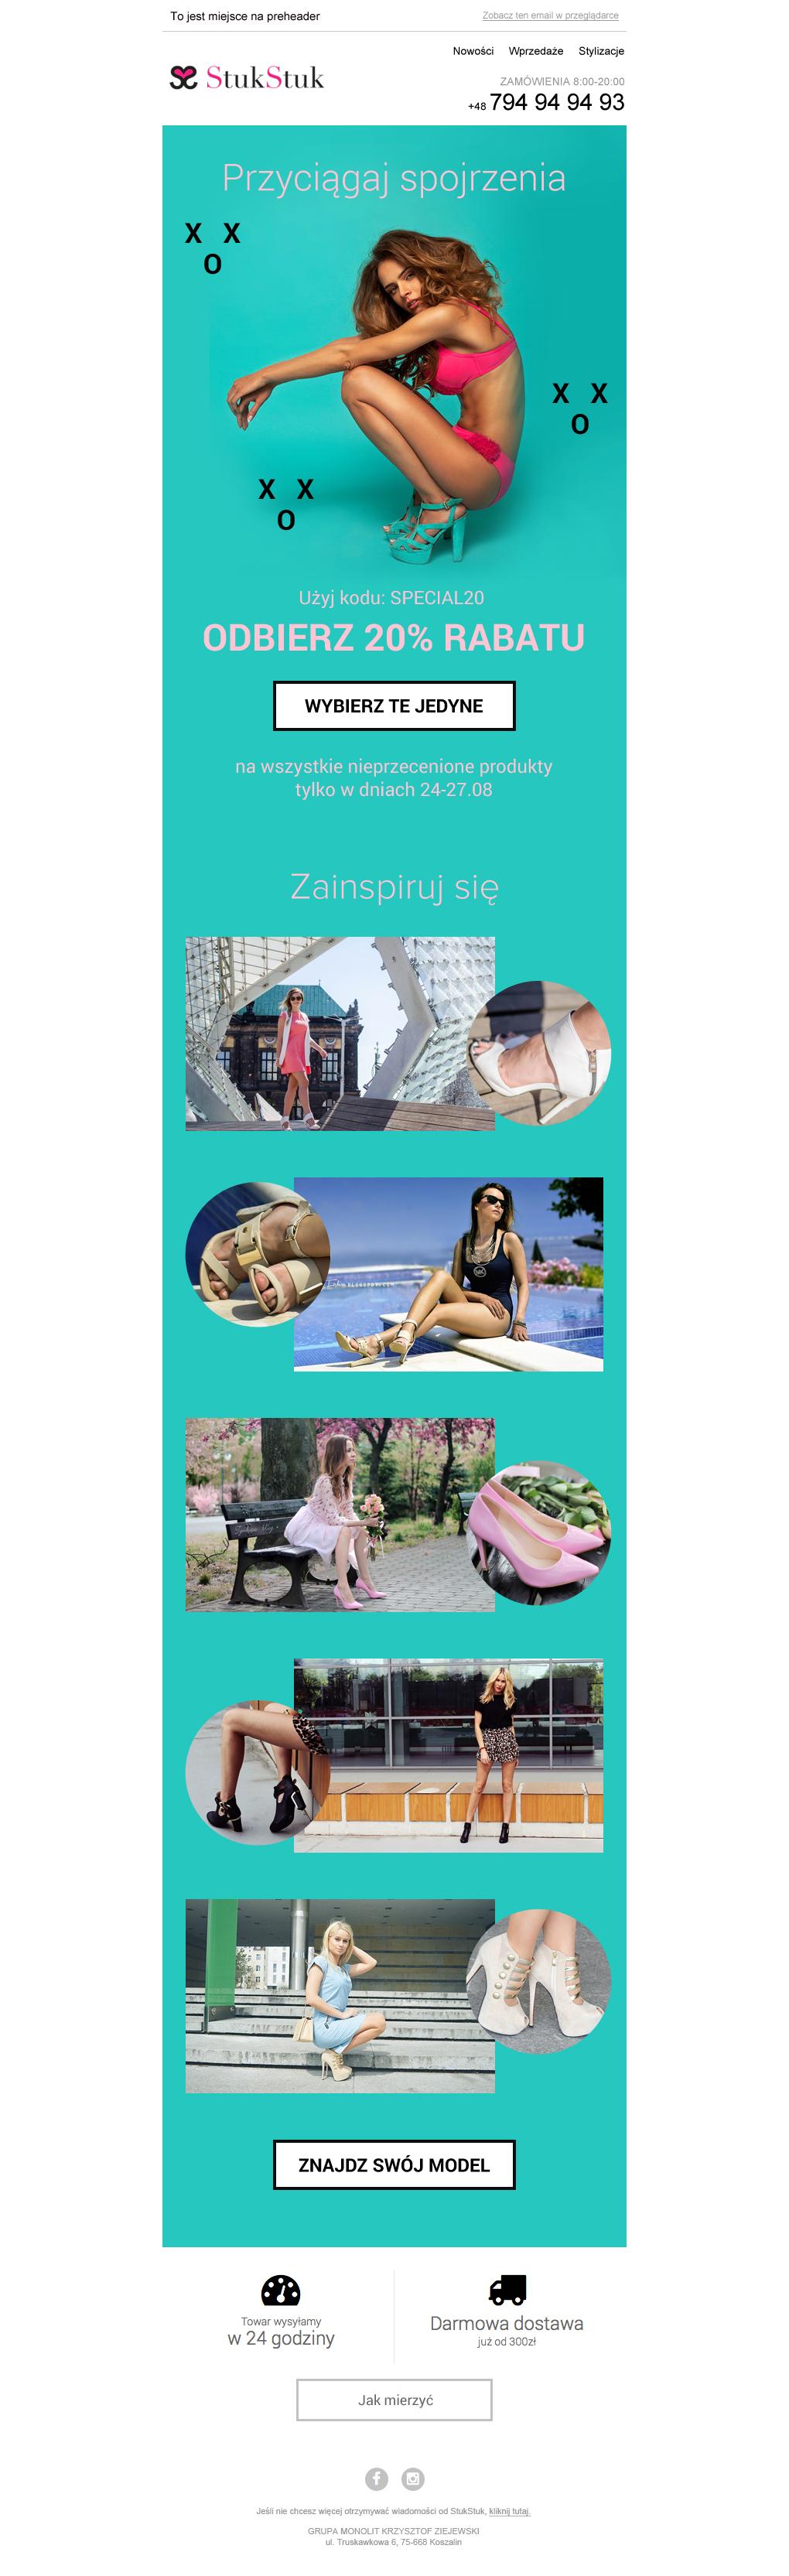 Projekt newslettera przygotowany dla marki StukStuk, zachęcający do skorzystania z rabatu na buty, w których przyciąganie spojrzeń jest gwarantowane :) W projekcie zaprezentowano kilka modeli z kolekcji marki, będących własnością znanych blogerek ze świata mody.  #newsletter #email #ecommerce #template # stukstuk